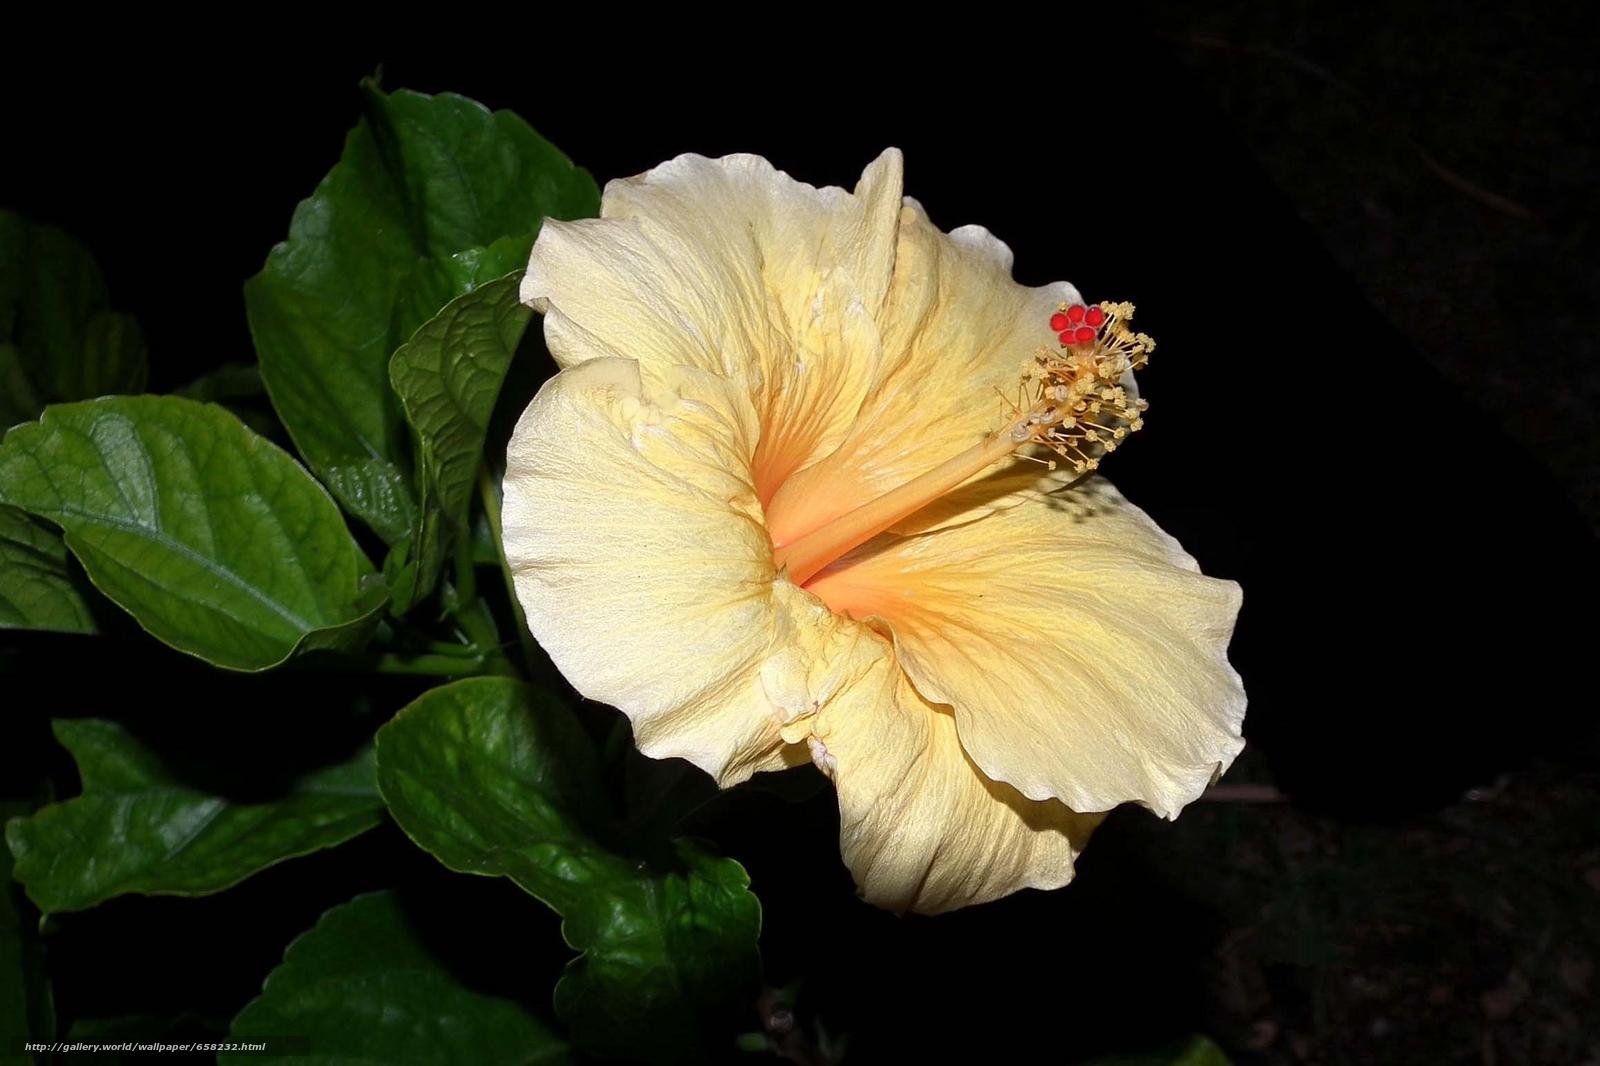 scaricare gli sfondi ibisco,  Ibisco,  Fiori,  fiore Sfondi gratis per la risoluzione del desktop 2318x1545 — immagine №658232